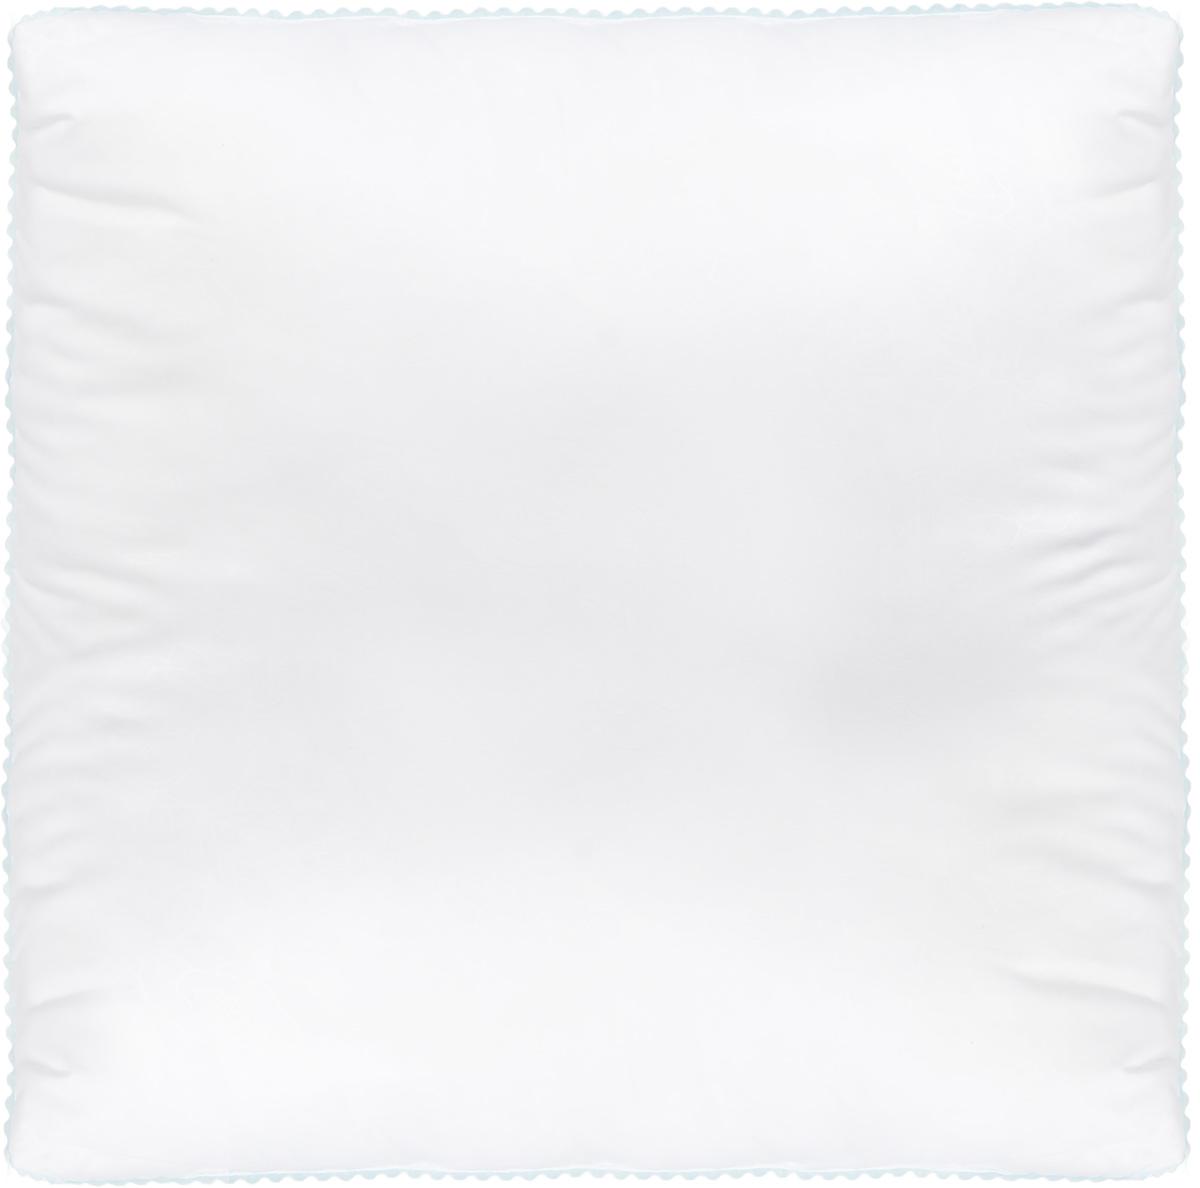 Подушка Легкие сны Перси, наполнитель: лебяжий пух, 68 x 68 см531-105Подушка Легкие сны Перси подарит вам непревзойденную мягкость и нежность, ощутите деликатную поддержку головы и шеи, дарящую легкое чувство невесомости. В качестве наполнителя используется синтетический сверхтонкий и практически невесомый материал, названный лебяжьим пухом. Изделия с наполнителем из искусственного пуха легкие, мягкие и не вызывают аллергии, хорошо пропускают воздух, за ними легко ухаживать. Важно заметить, что синтетический пух столь же легок и приятен на ощупь, что и его натуральный прототип. Чехол подушки выполнен из микрофибры (100% полиэстер) с узорным тиснением. Рекомендации по уходу:Деликатная стирка при температуре воды до 30°С.Отбеливание, барабанная сушка и глажка запрещены.Степень поддержки: мягкая.Разрешается деликатная химчистка.